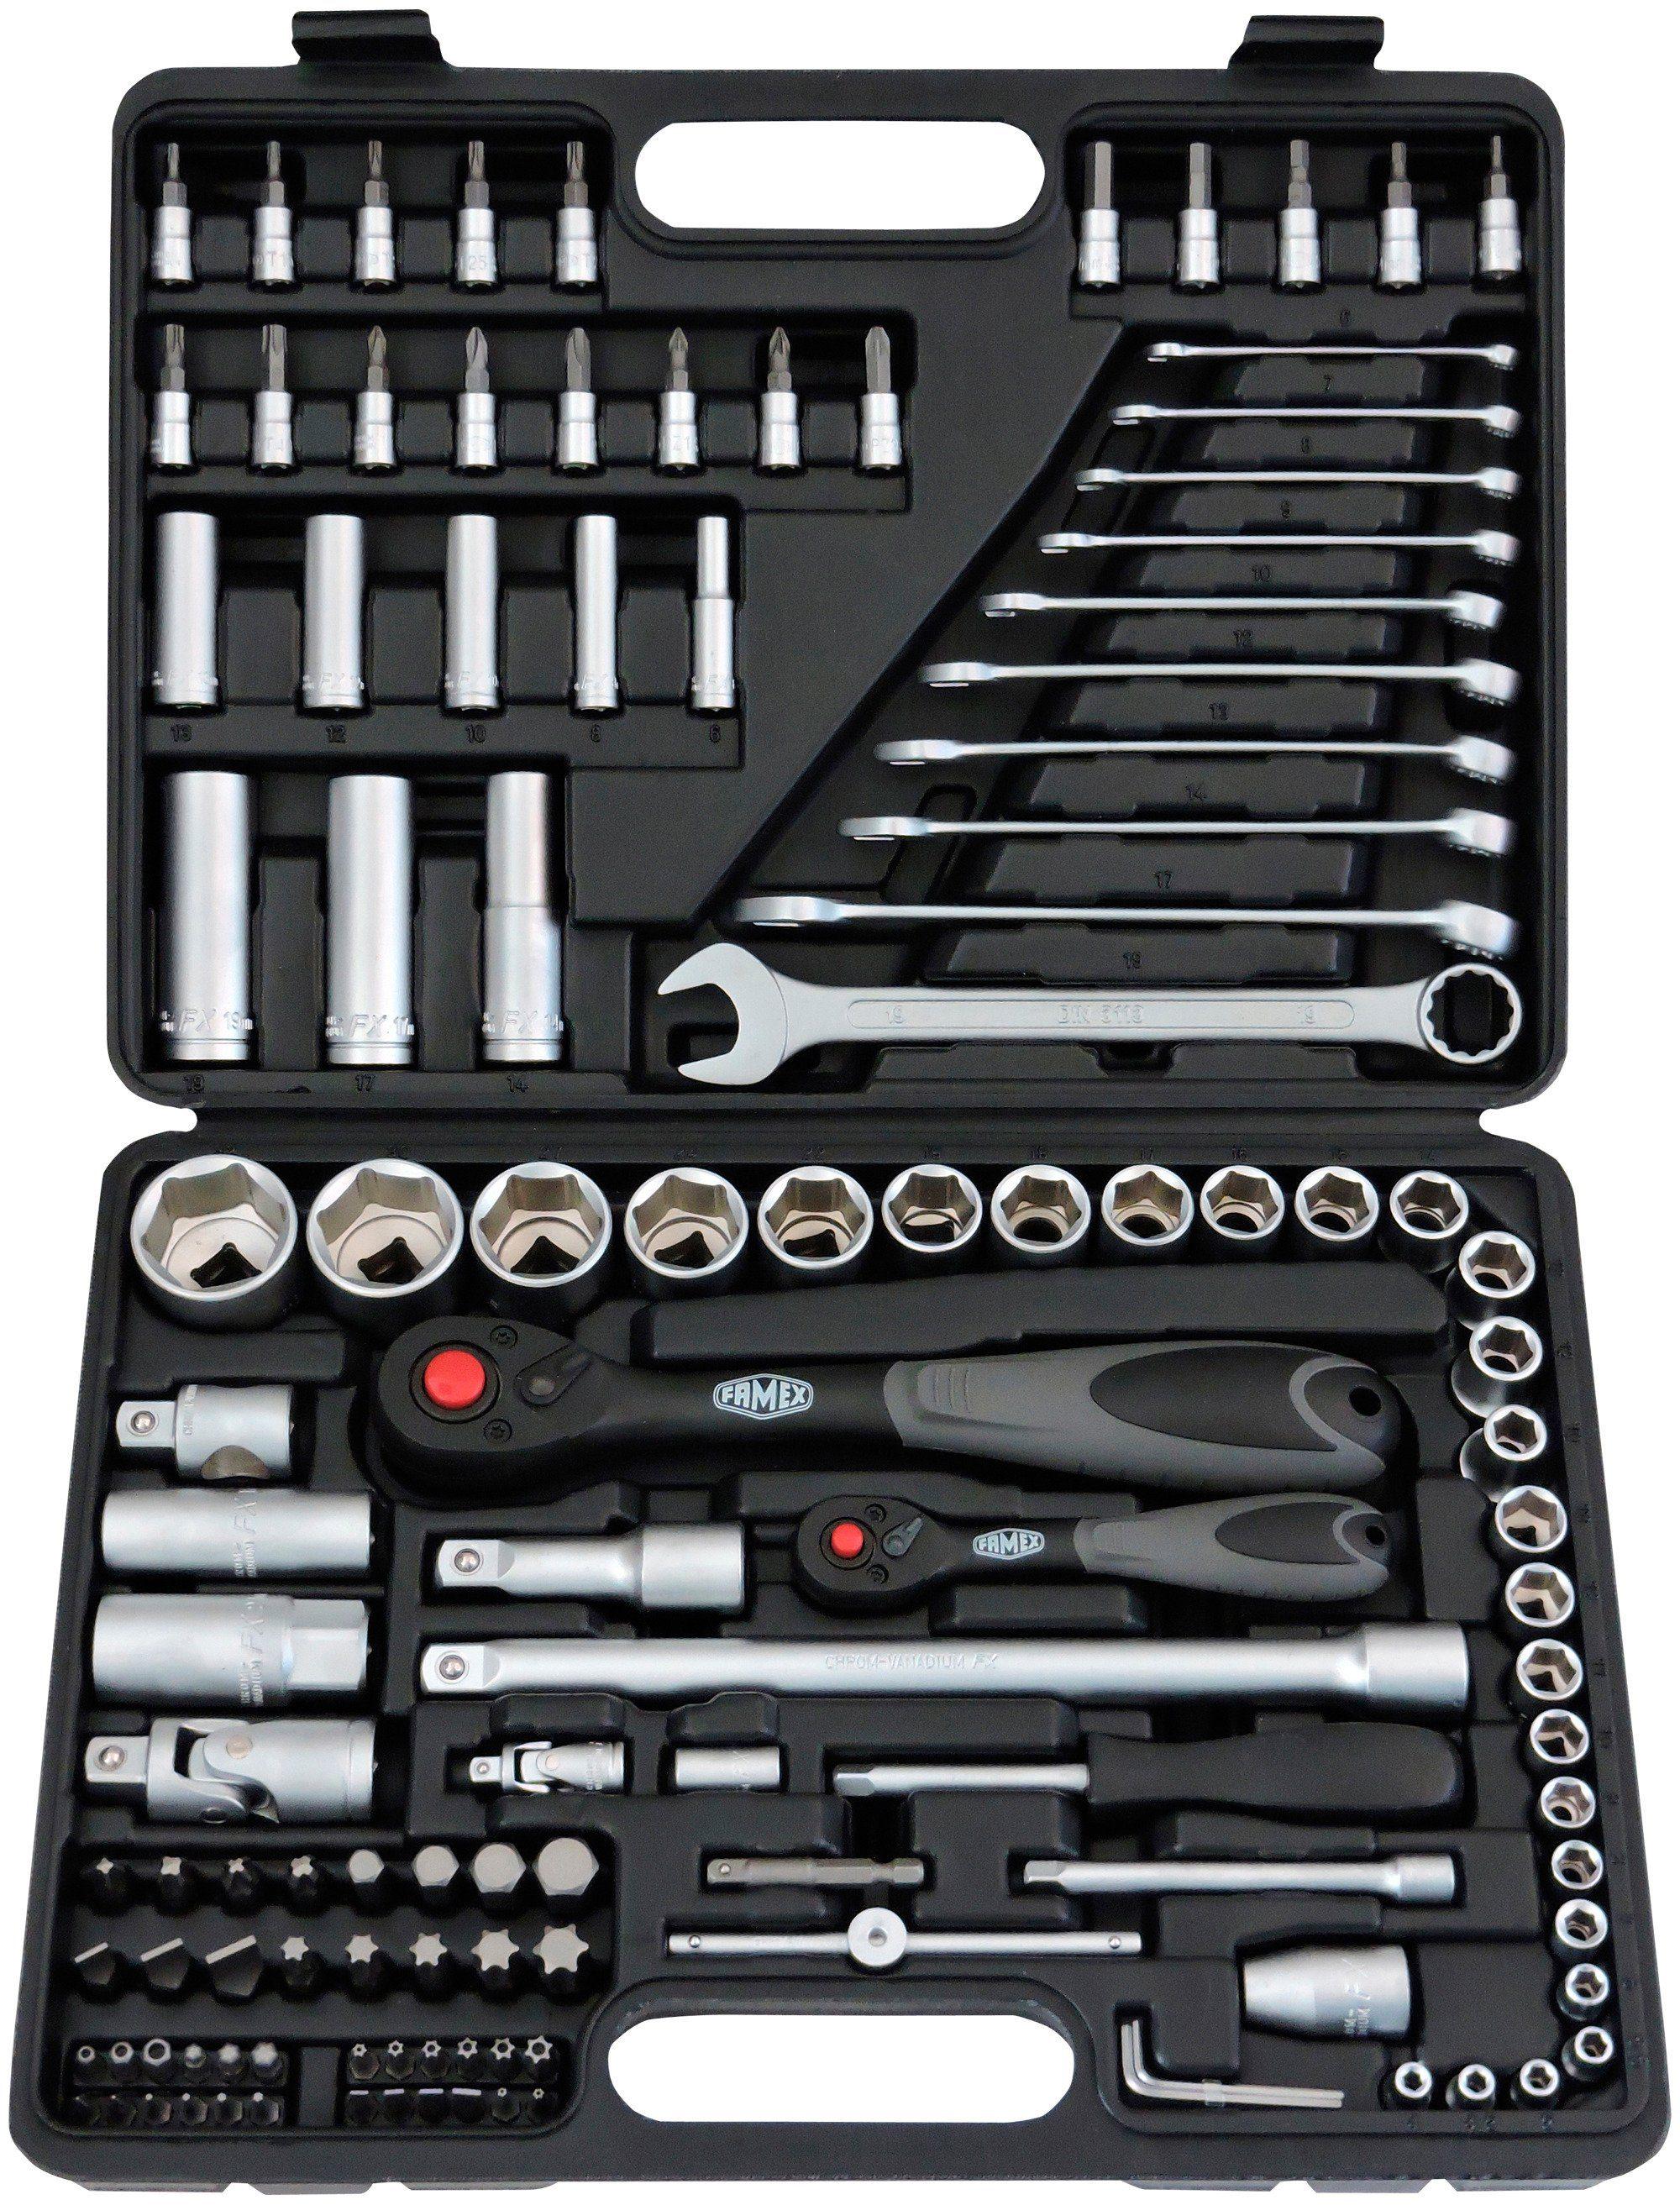 Famex Steckschlüsselsatz »568-46« mit 72-Zahn-Feinzahnknarren, 4-32 mm, 120-teilig